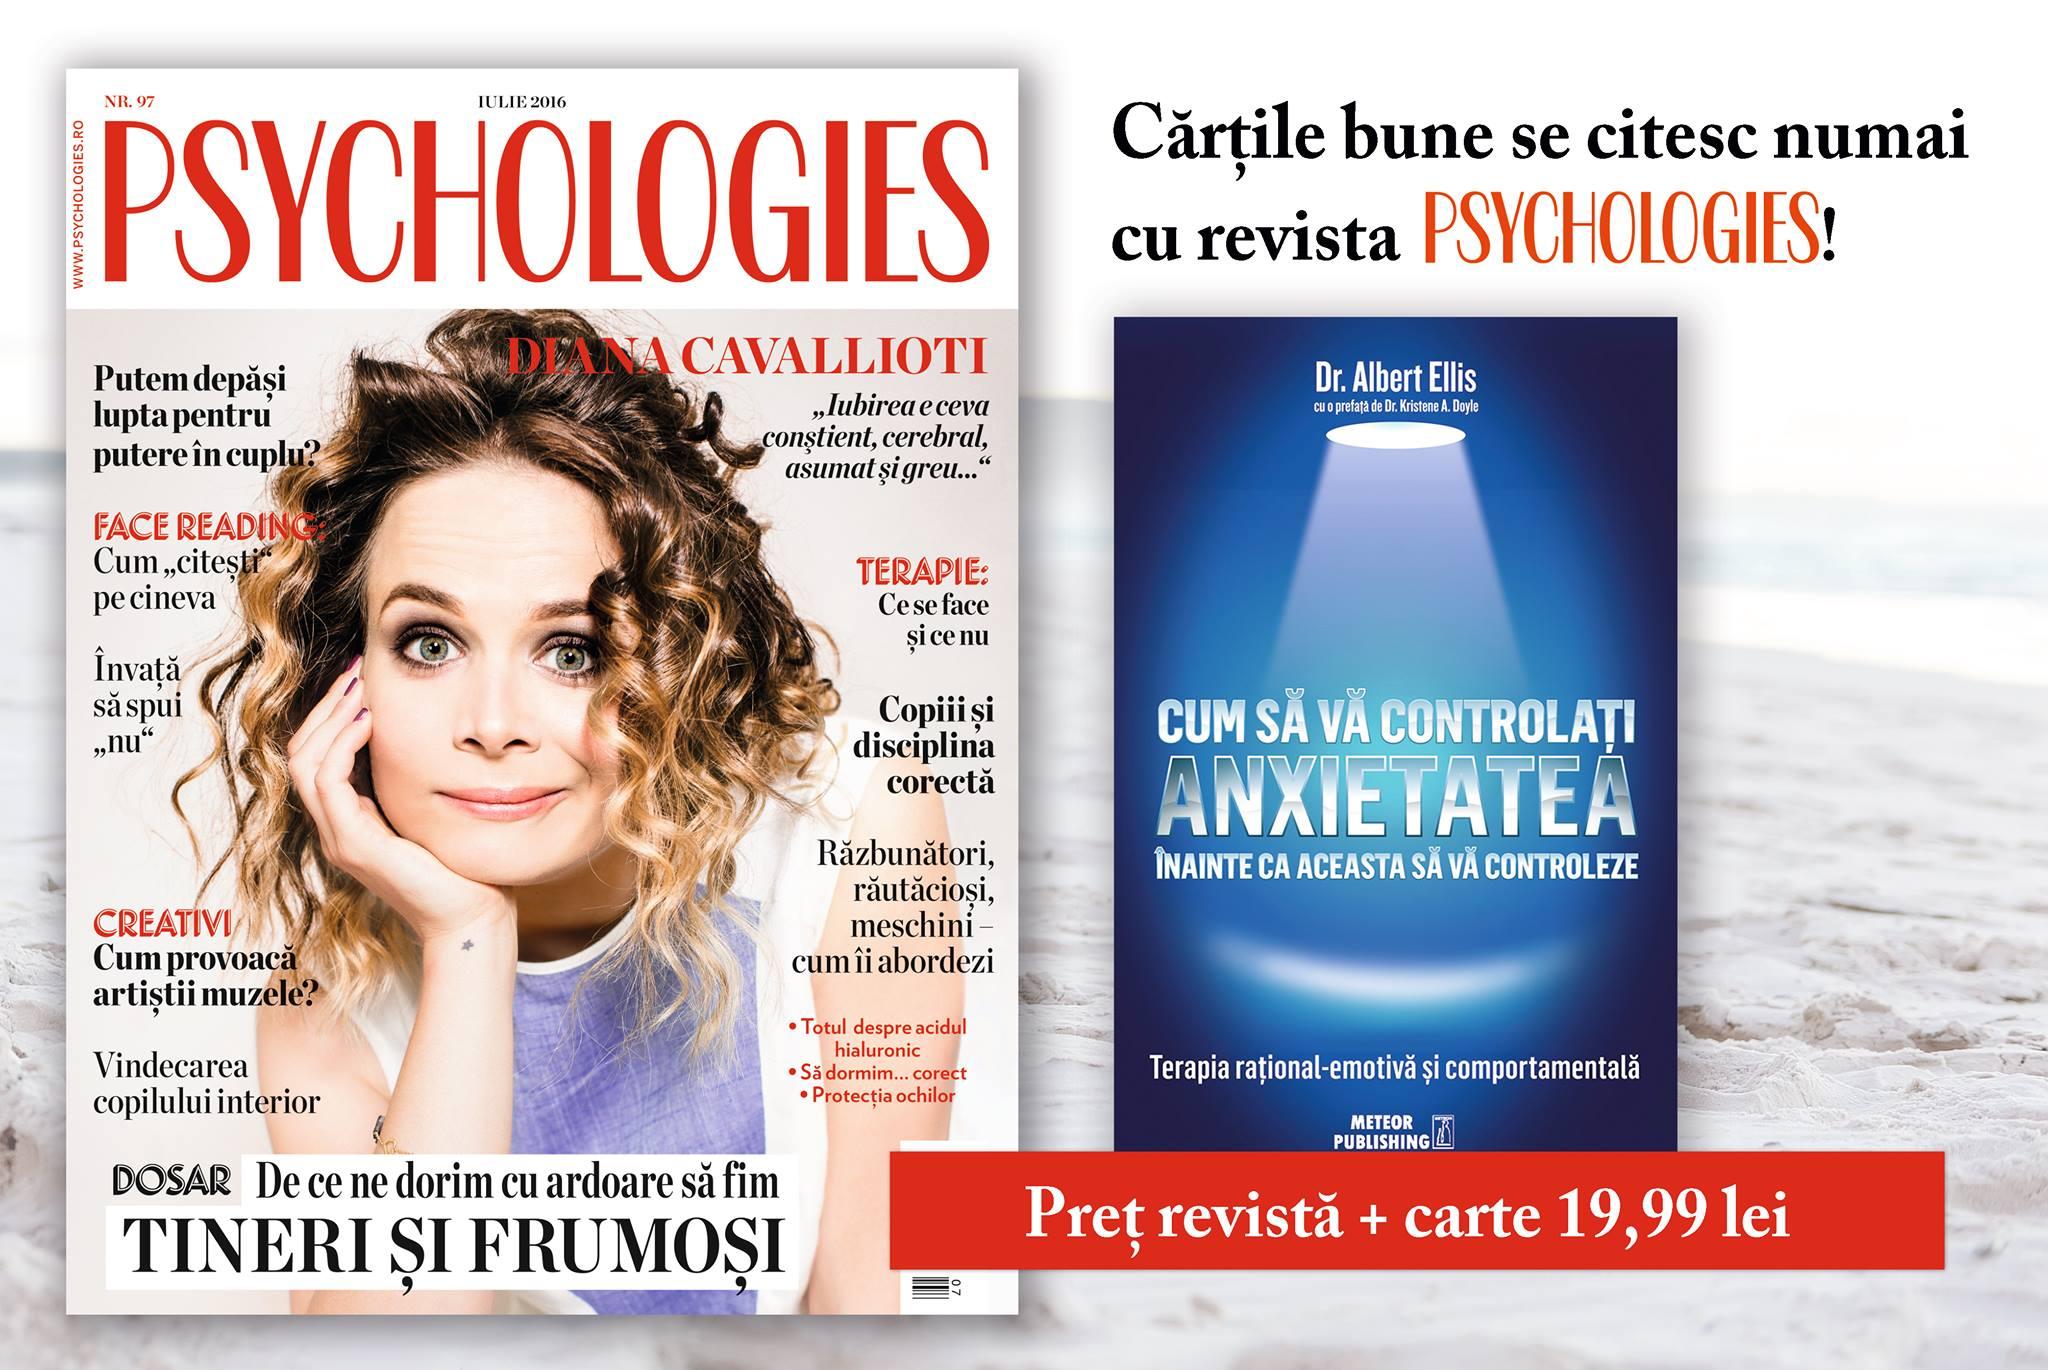 Promo pentru editia de Iulie 2016 a revistei Psychologies Romania